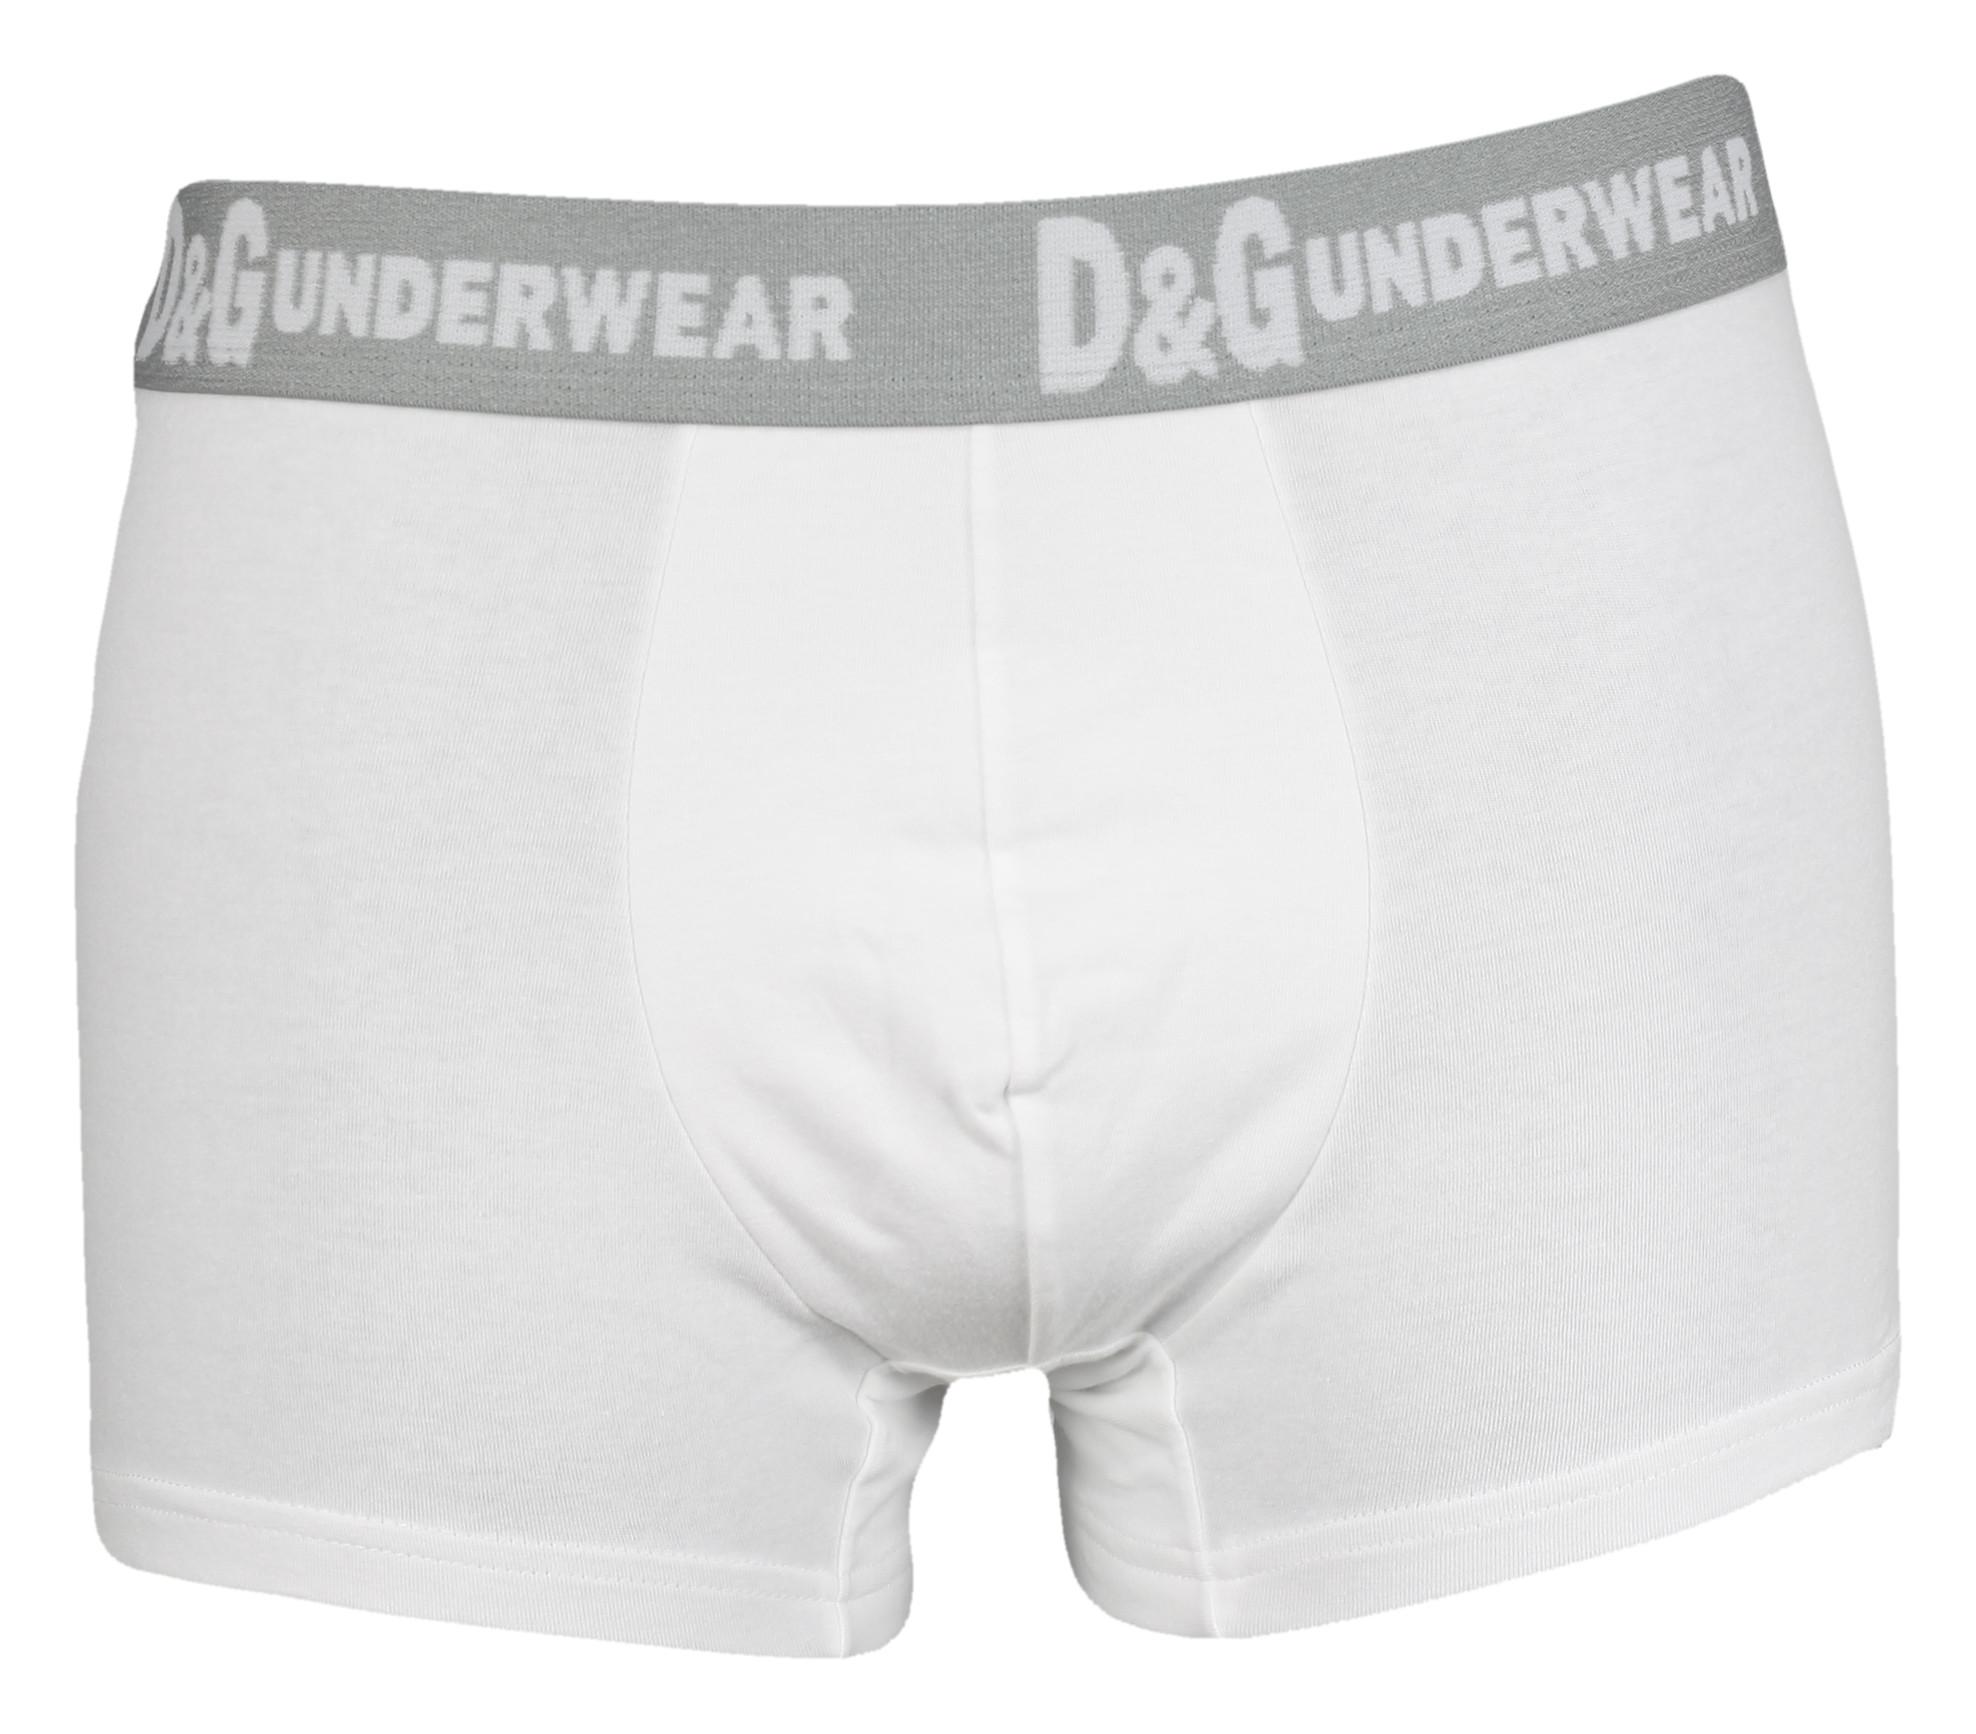 Pánské boxerky M30494 white - Dolce Gabbana Barva: bílá, Velikost: L